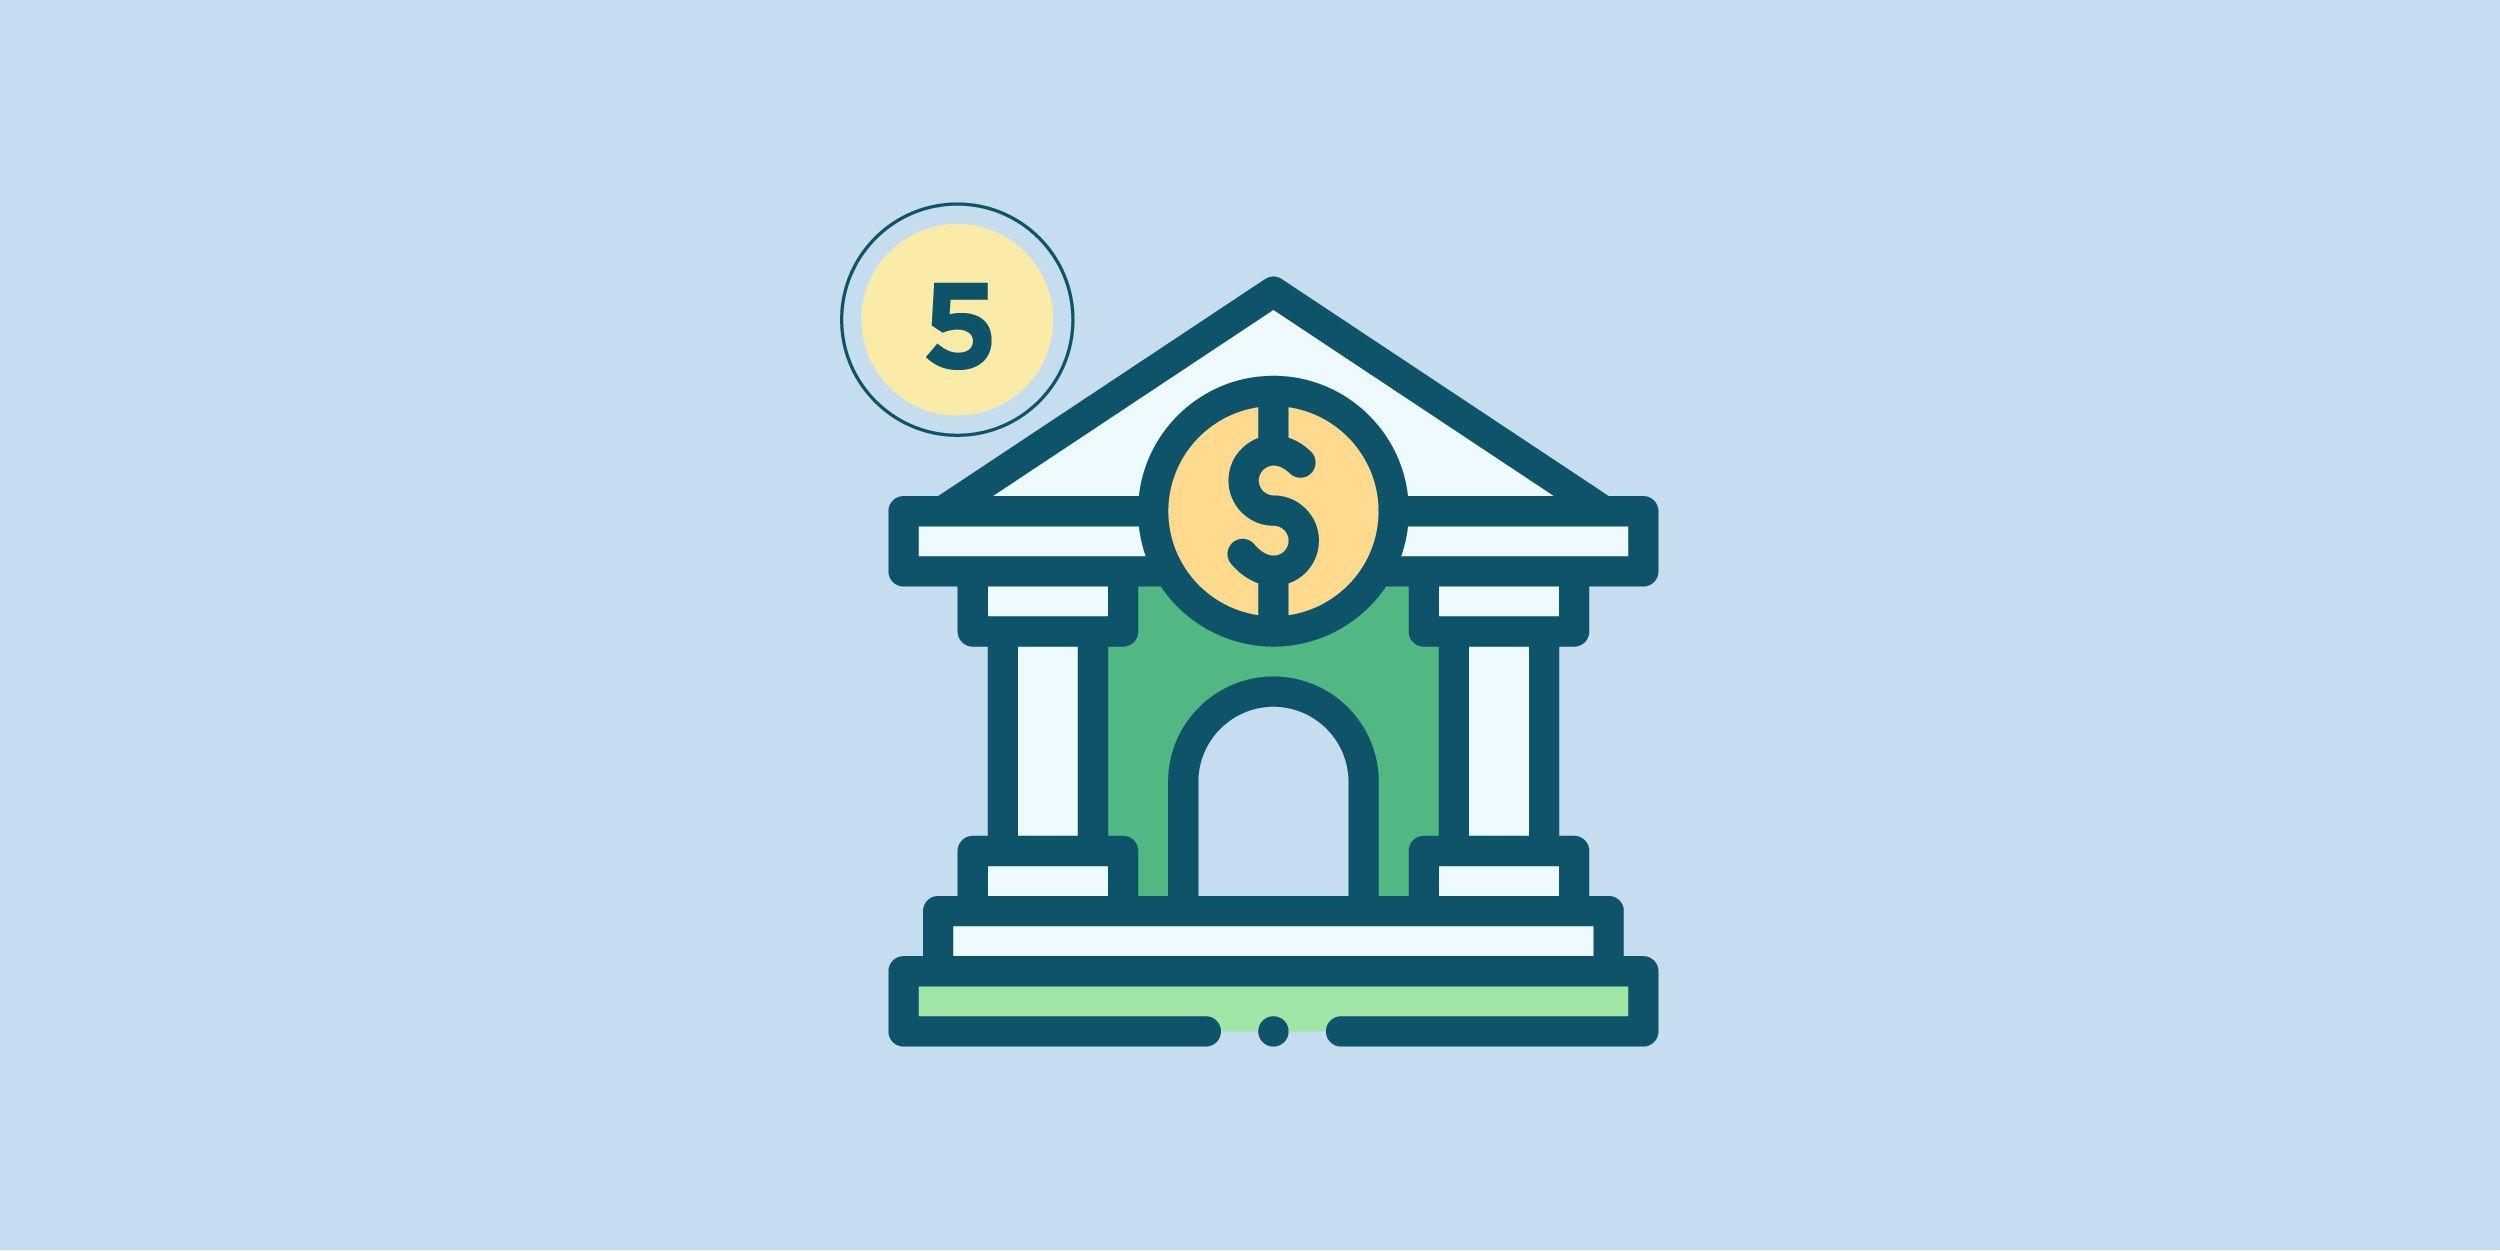 أقدم 5 بنوك فى مصر